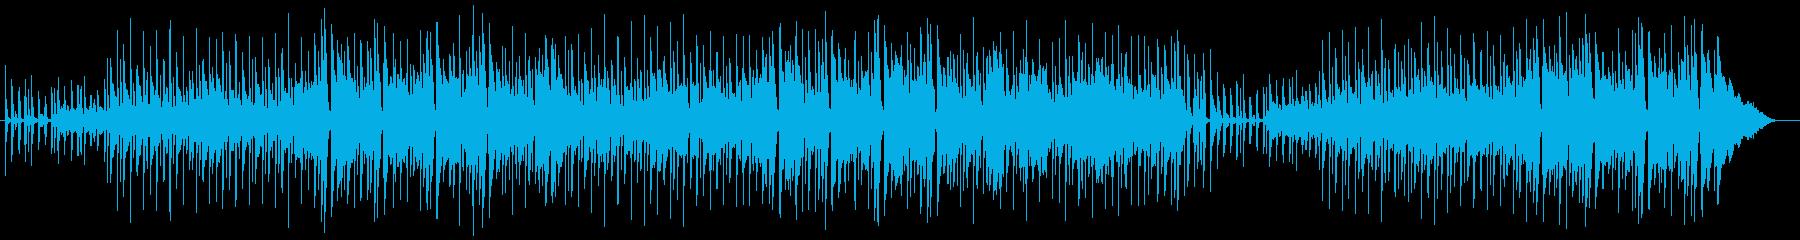 のどかでスタッカートの効いているポップ曲の再生済みの波形